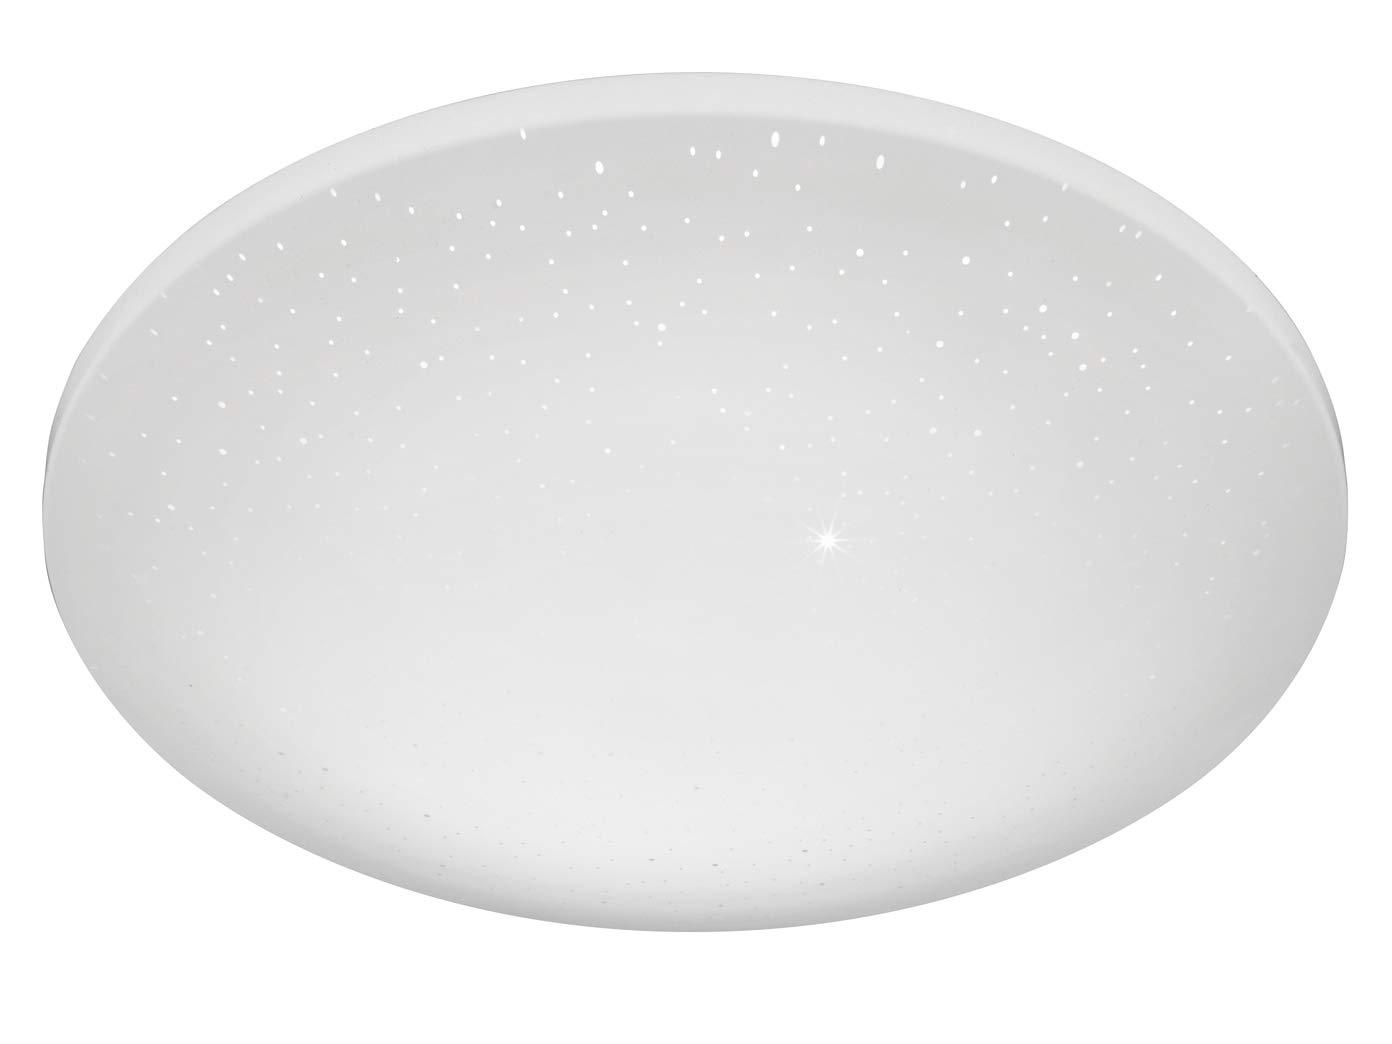 Vielseitige LED Sternenhimmel Deckenleuchte Ø 40cm mit mit mit Fernbedienung - Lichtfarbe einstellbar   stufenlos dimmbar   Nachtlichtfunktion - Badezimmer geeignet e2bbd8